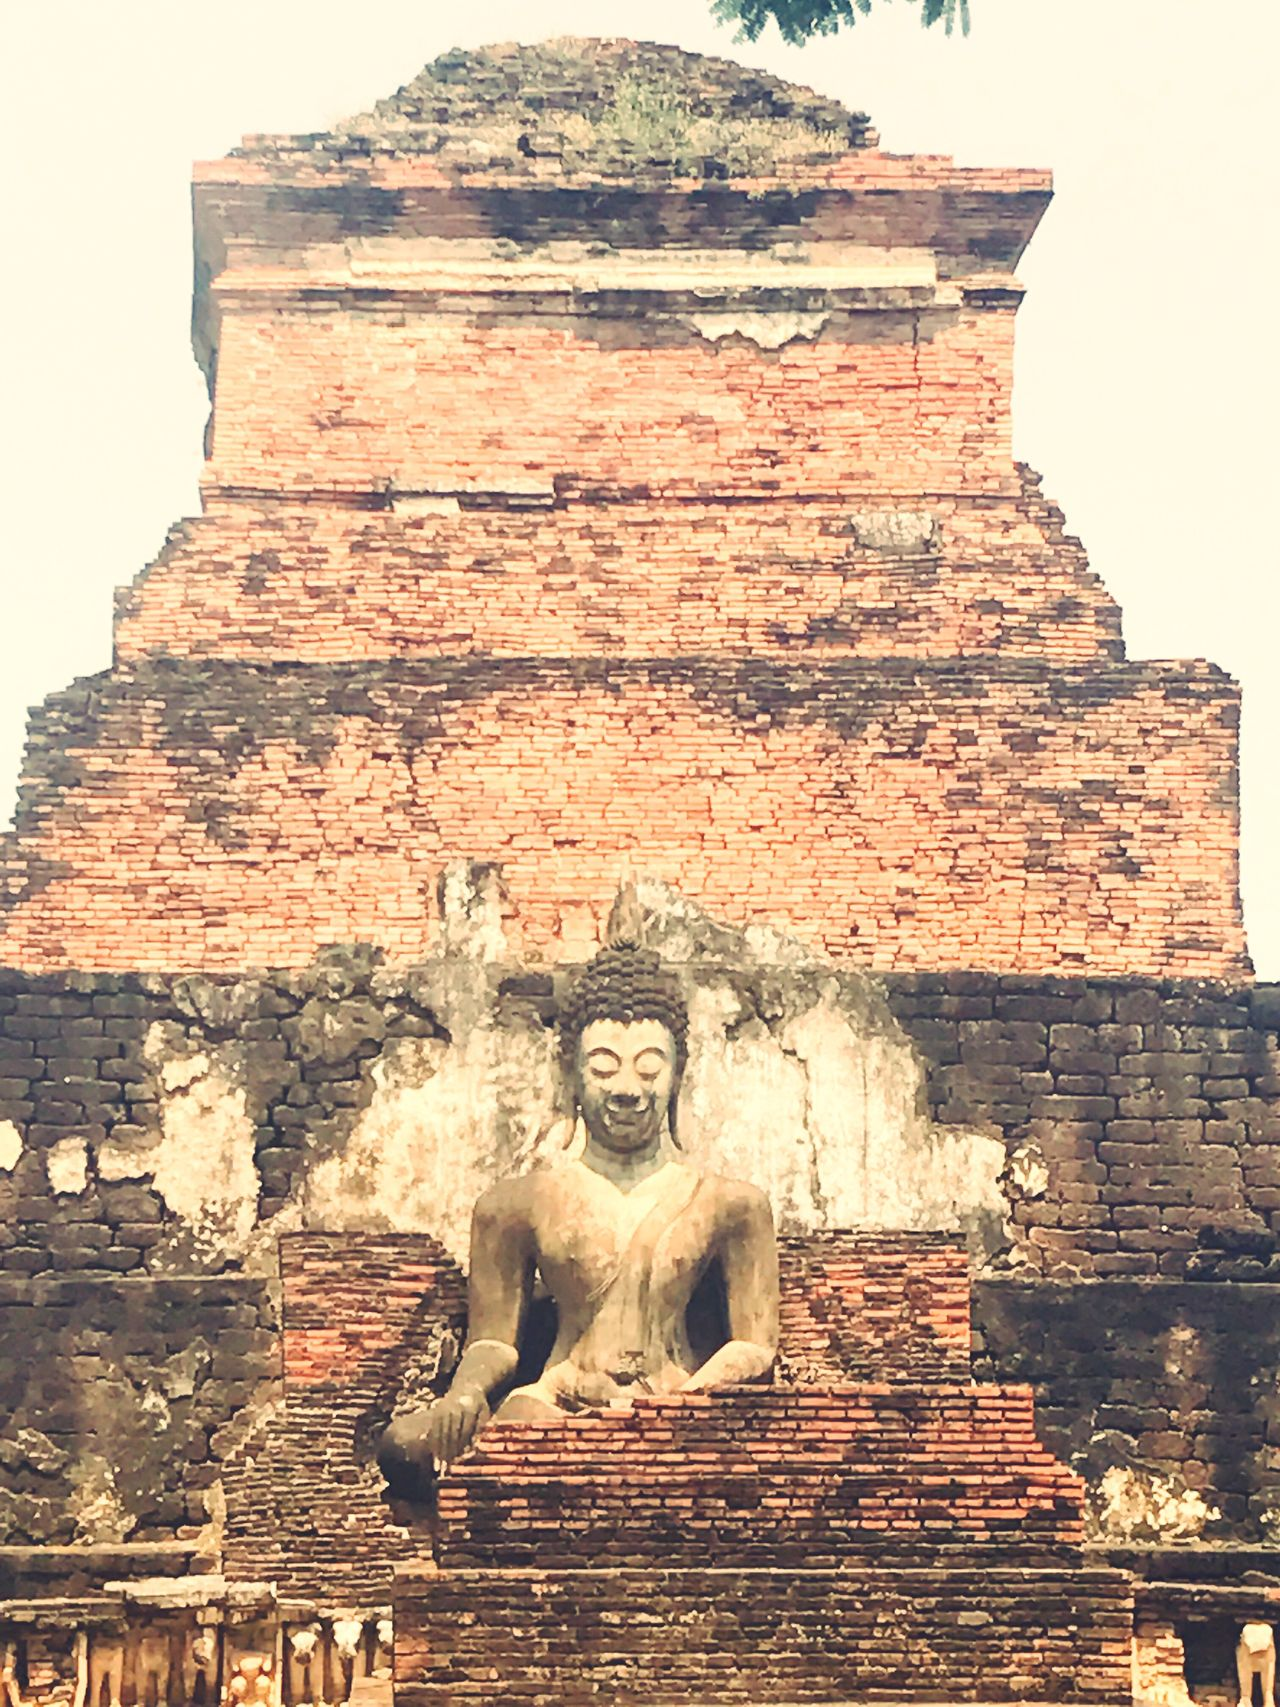 Sukhothaihistoricalpark Sukhothai Thailand Buddhism Buddha Monk  Smile Culture History Old Architecture